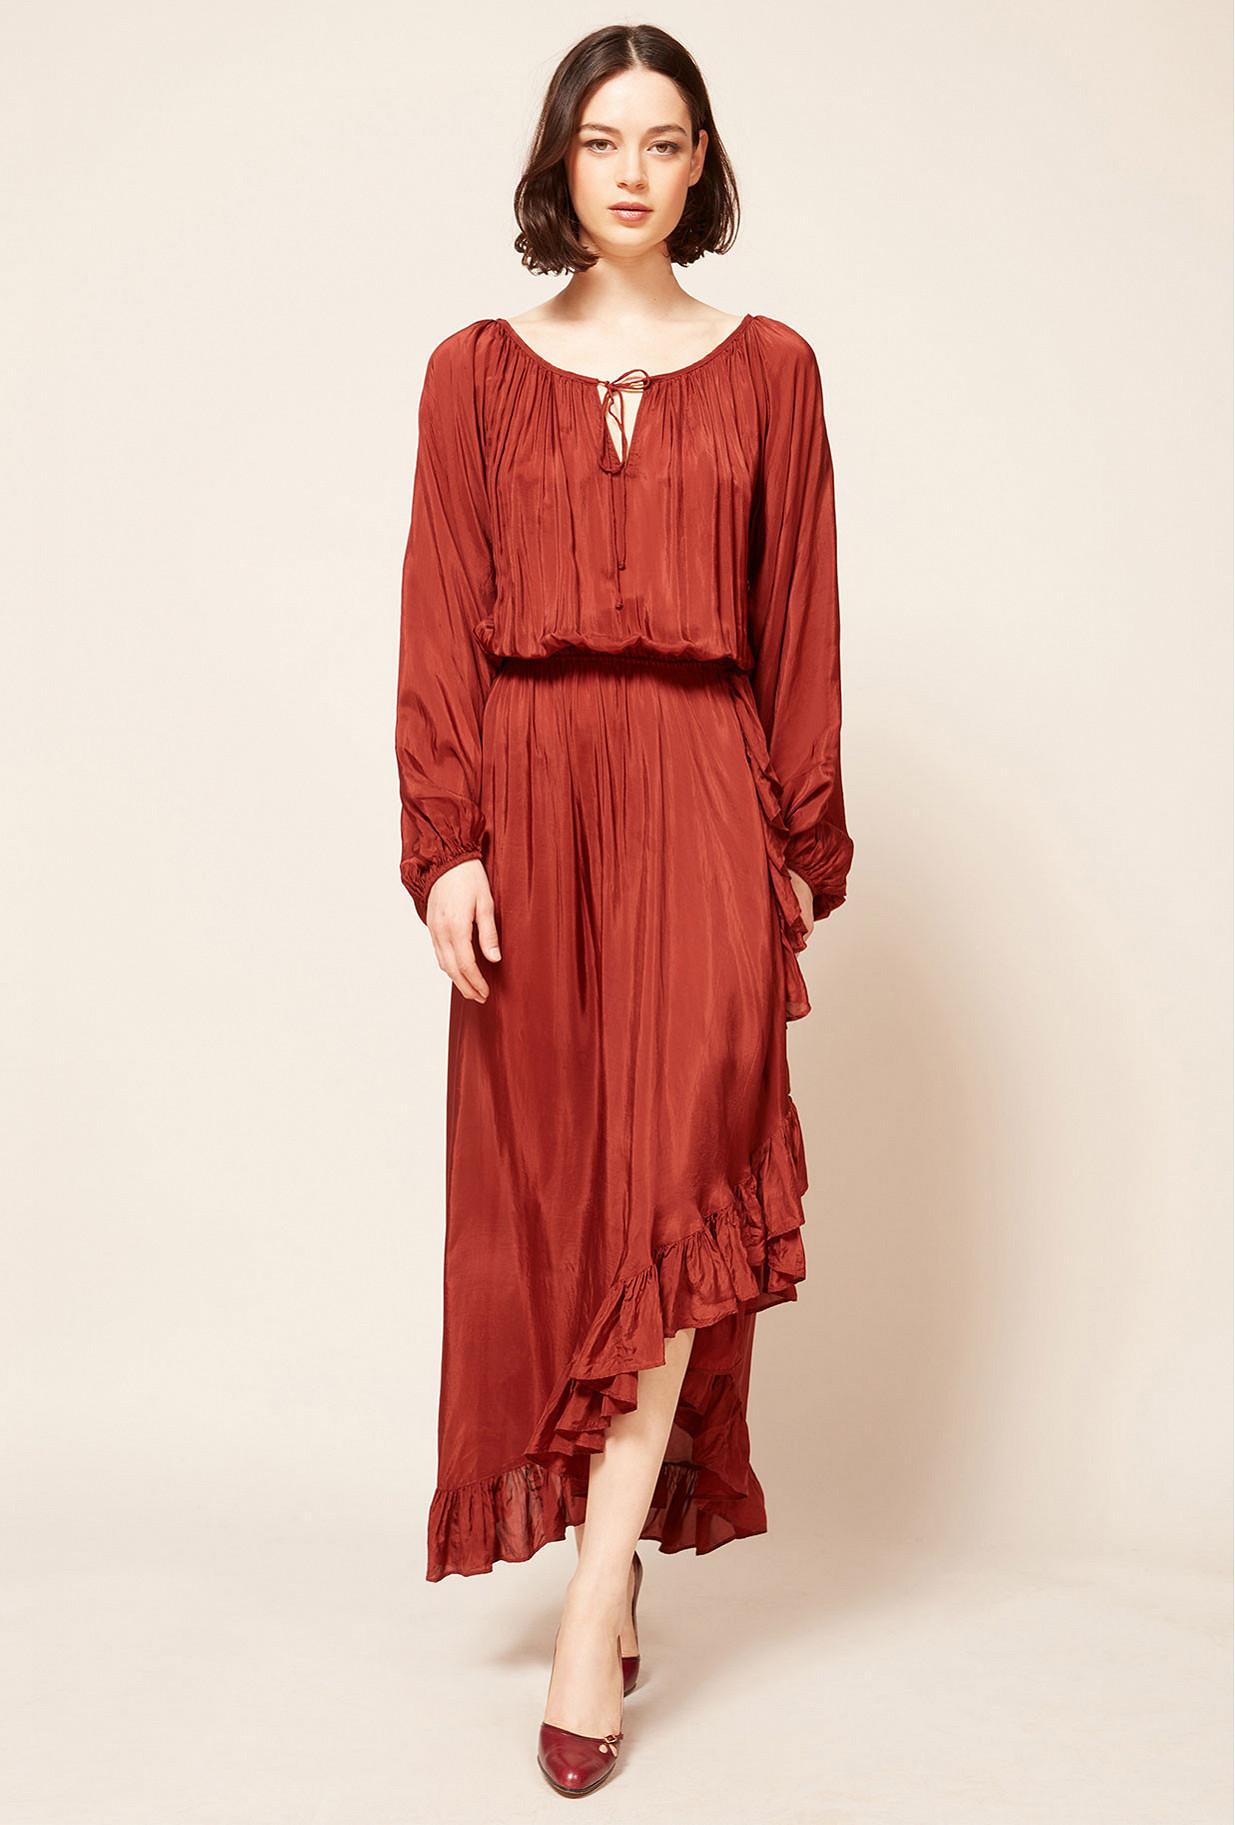 Paris boutique de mode vêtement Robe créateur bohème  Mercedes